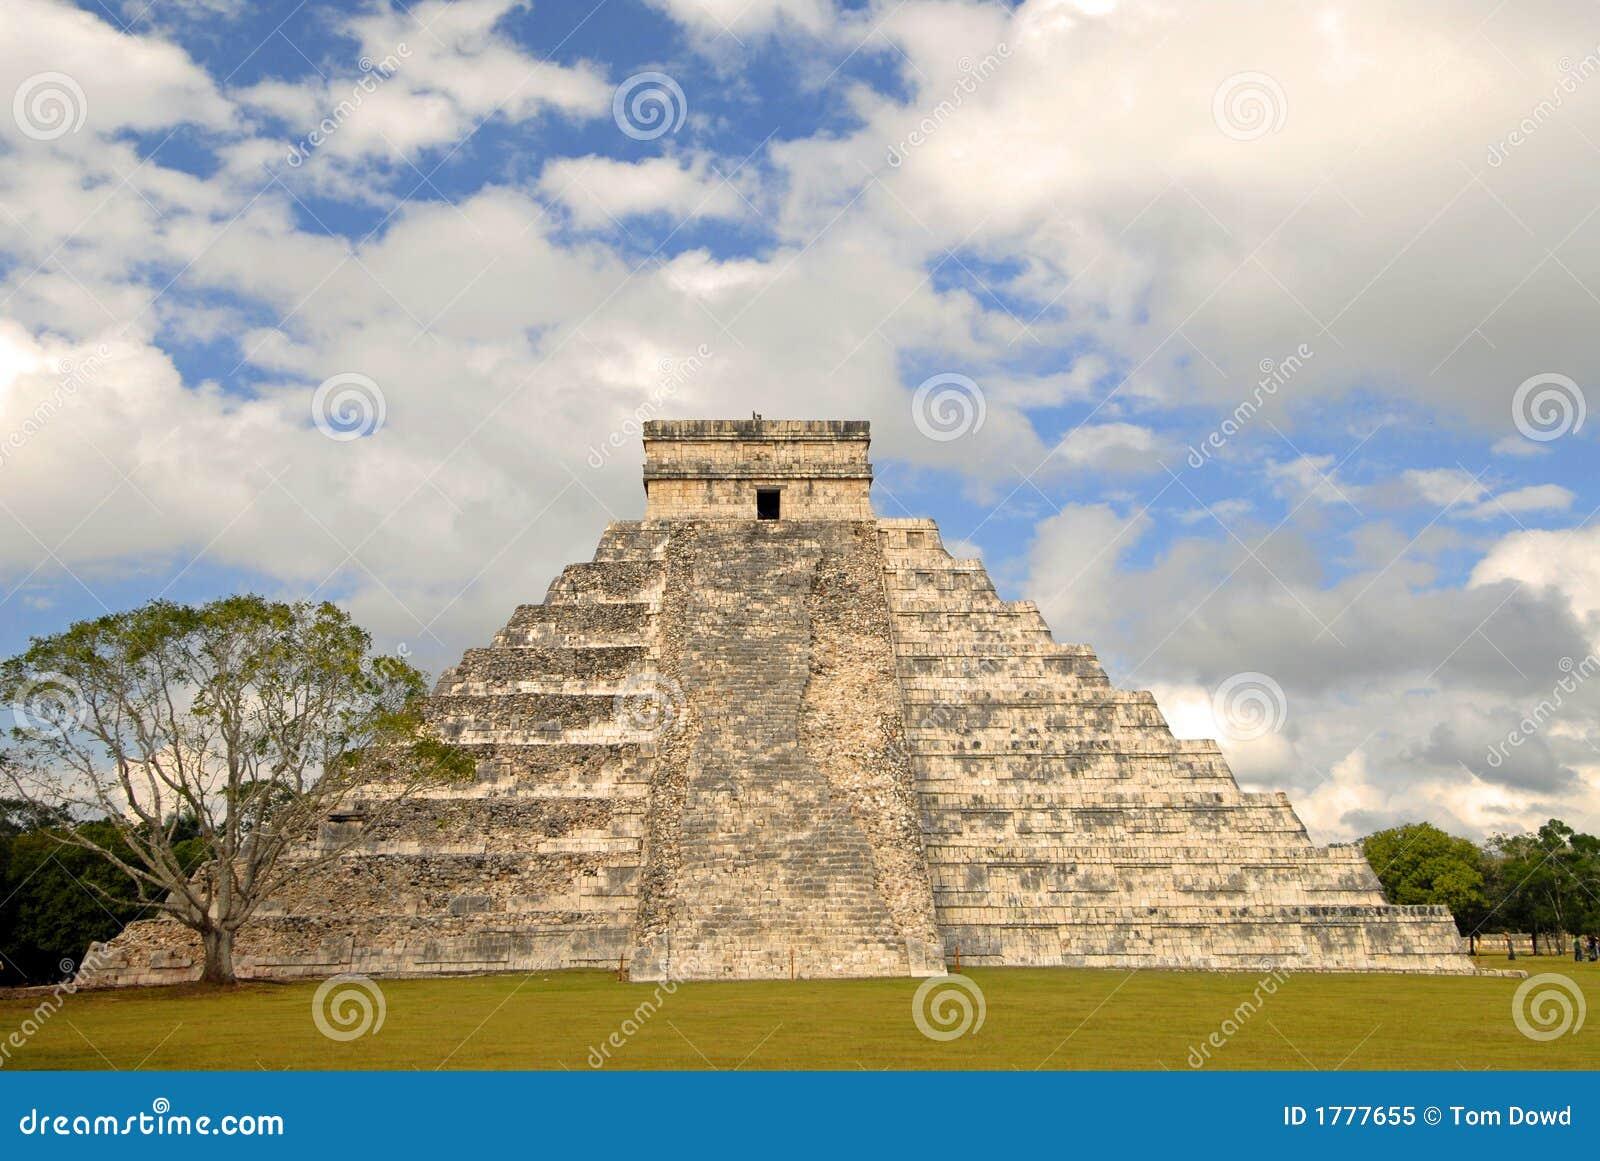 Potencia de la pirámide